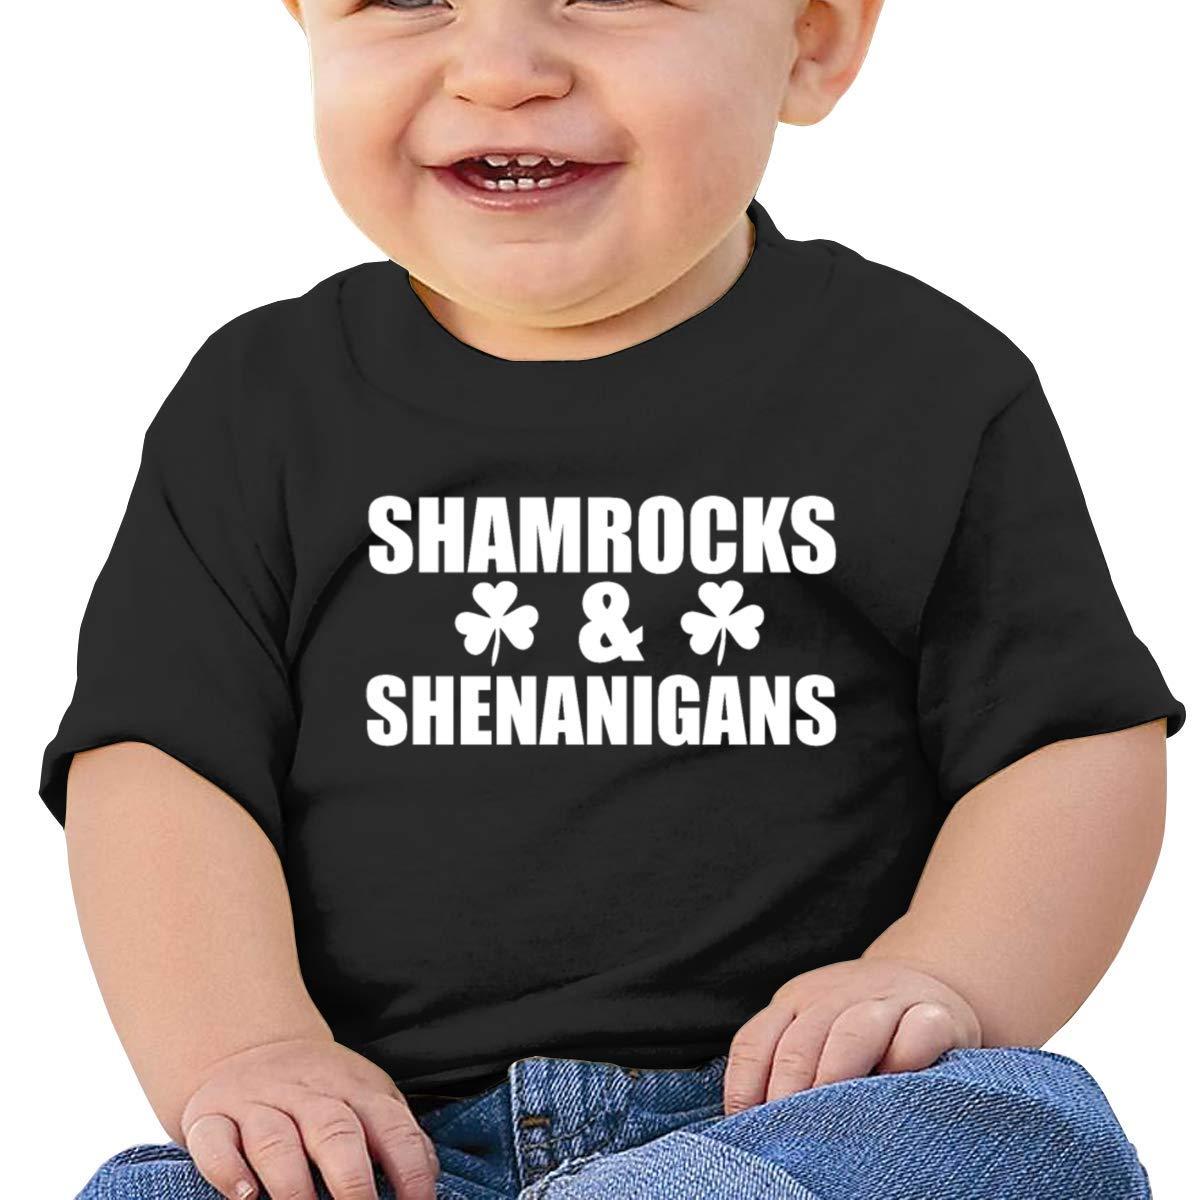 SCOTT CARROLL Shamrocks and Shenanigans Short Sleeve Tshirts Baby Girl